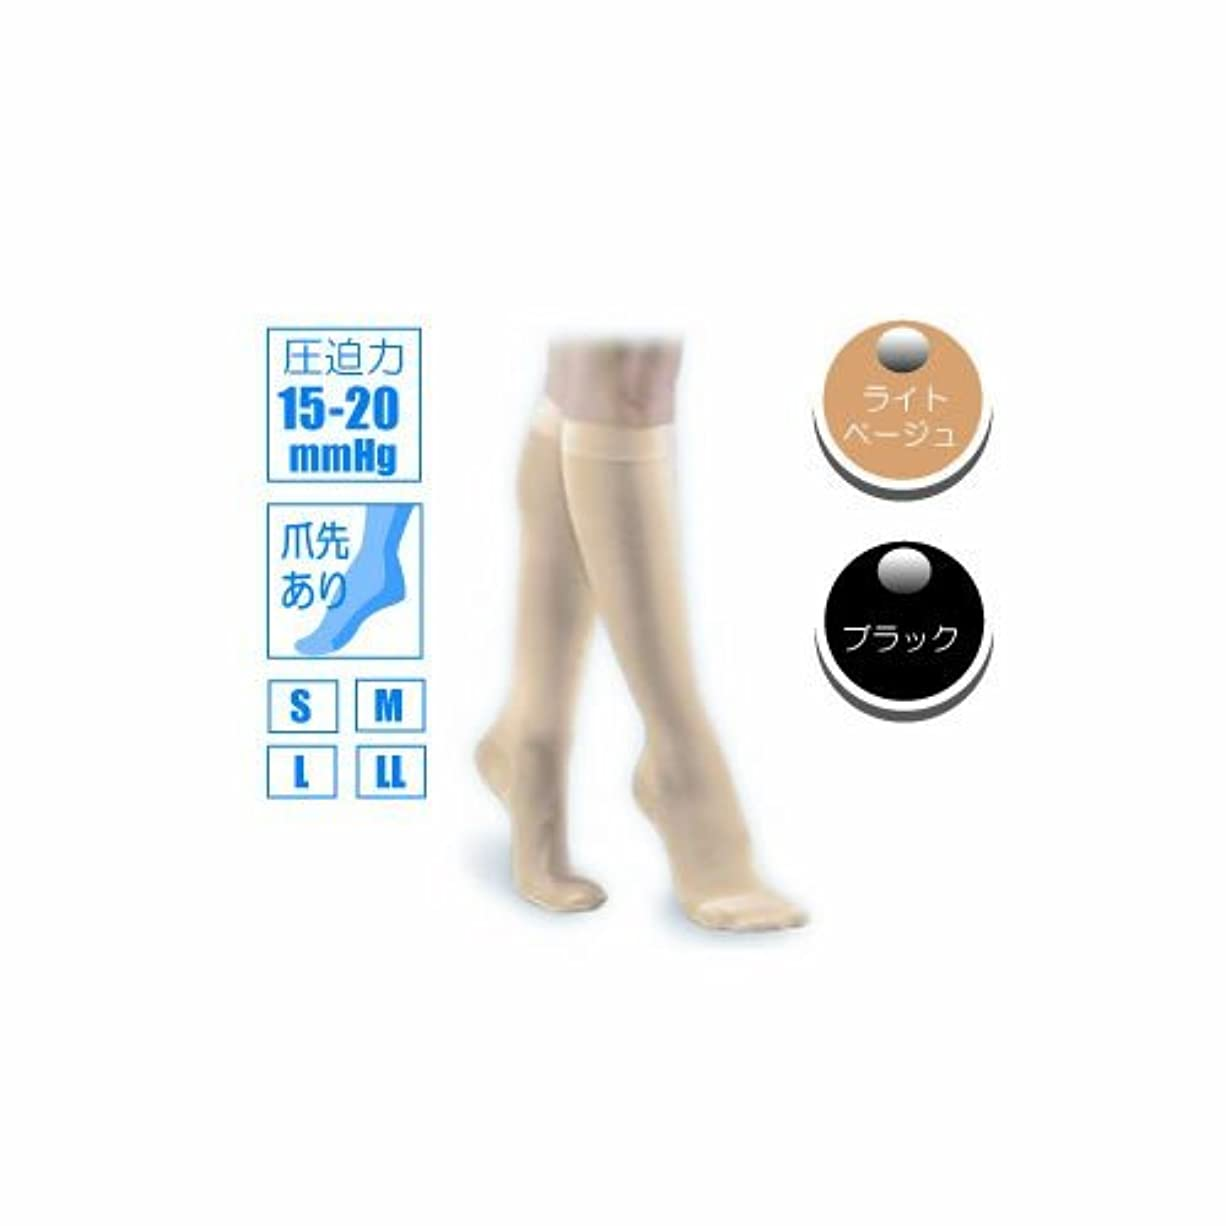 甘美な広範囲しっかり医療用弾性ストッキング レックスフィット 薄手ハイソックス 爪先あり 弱圧 Sサイズ ライトベージュ1921